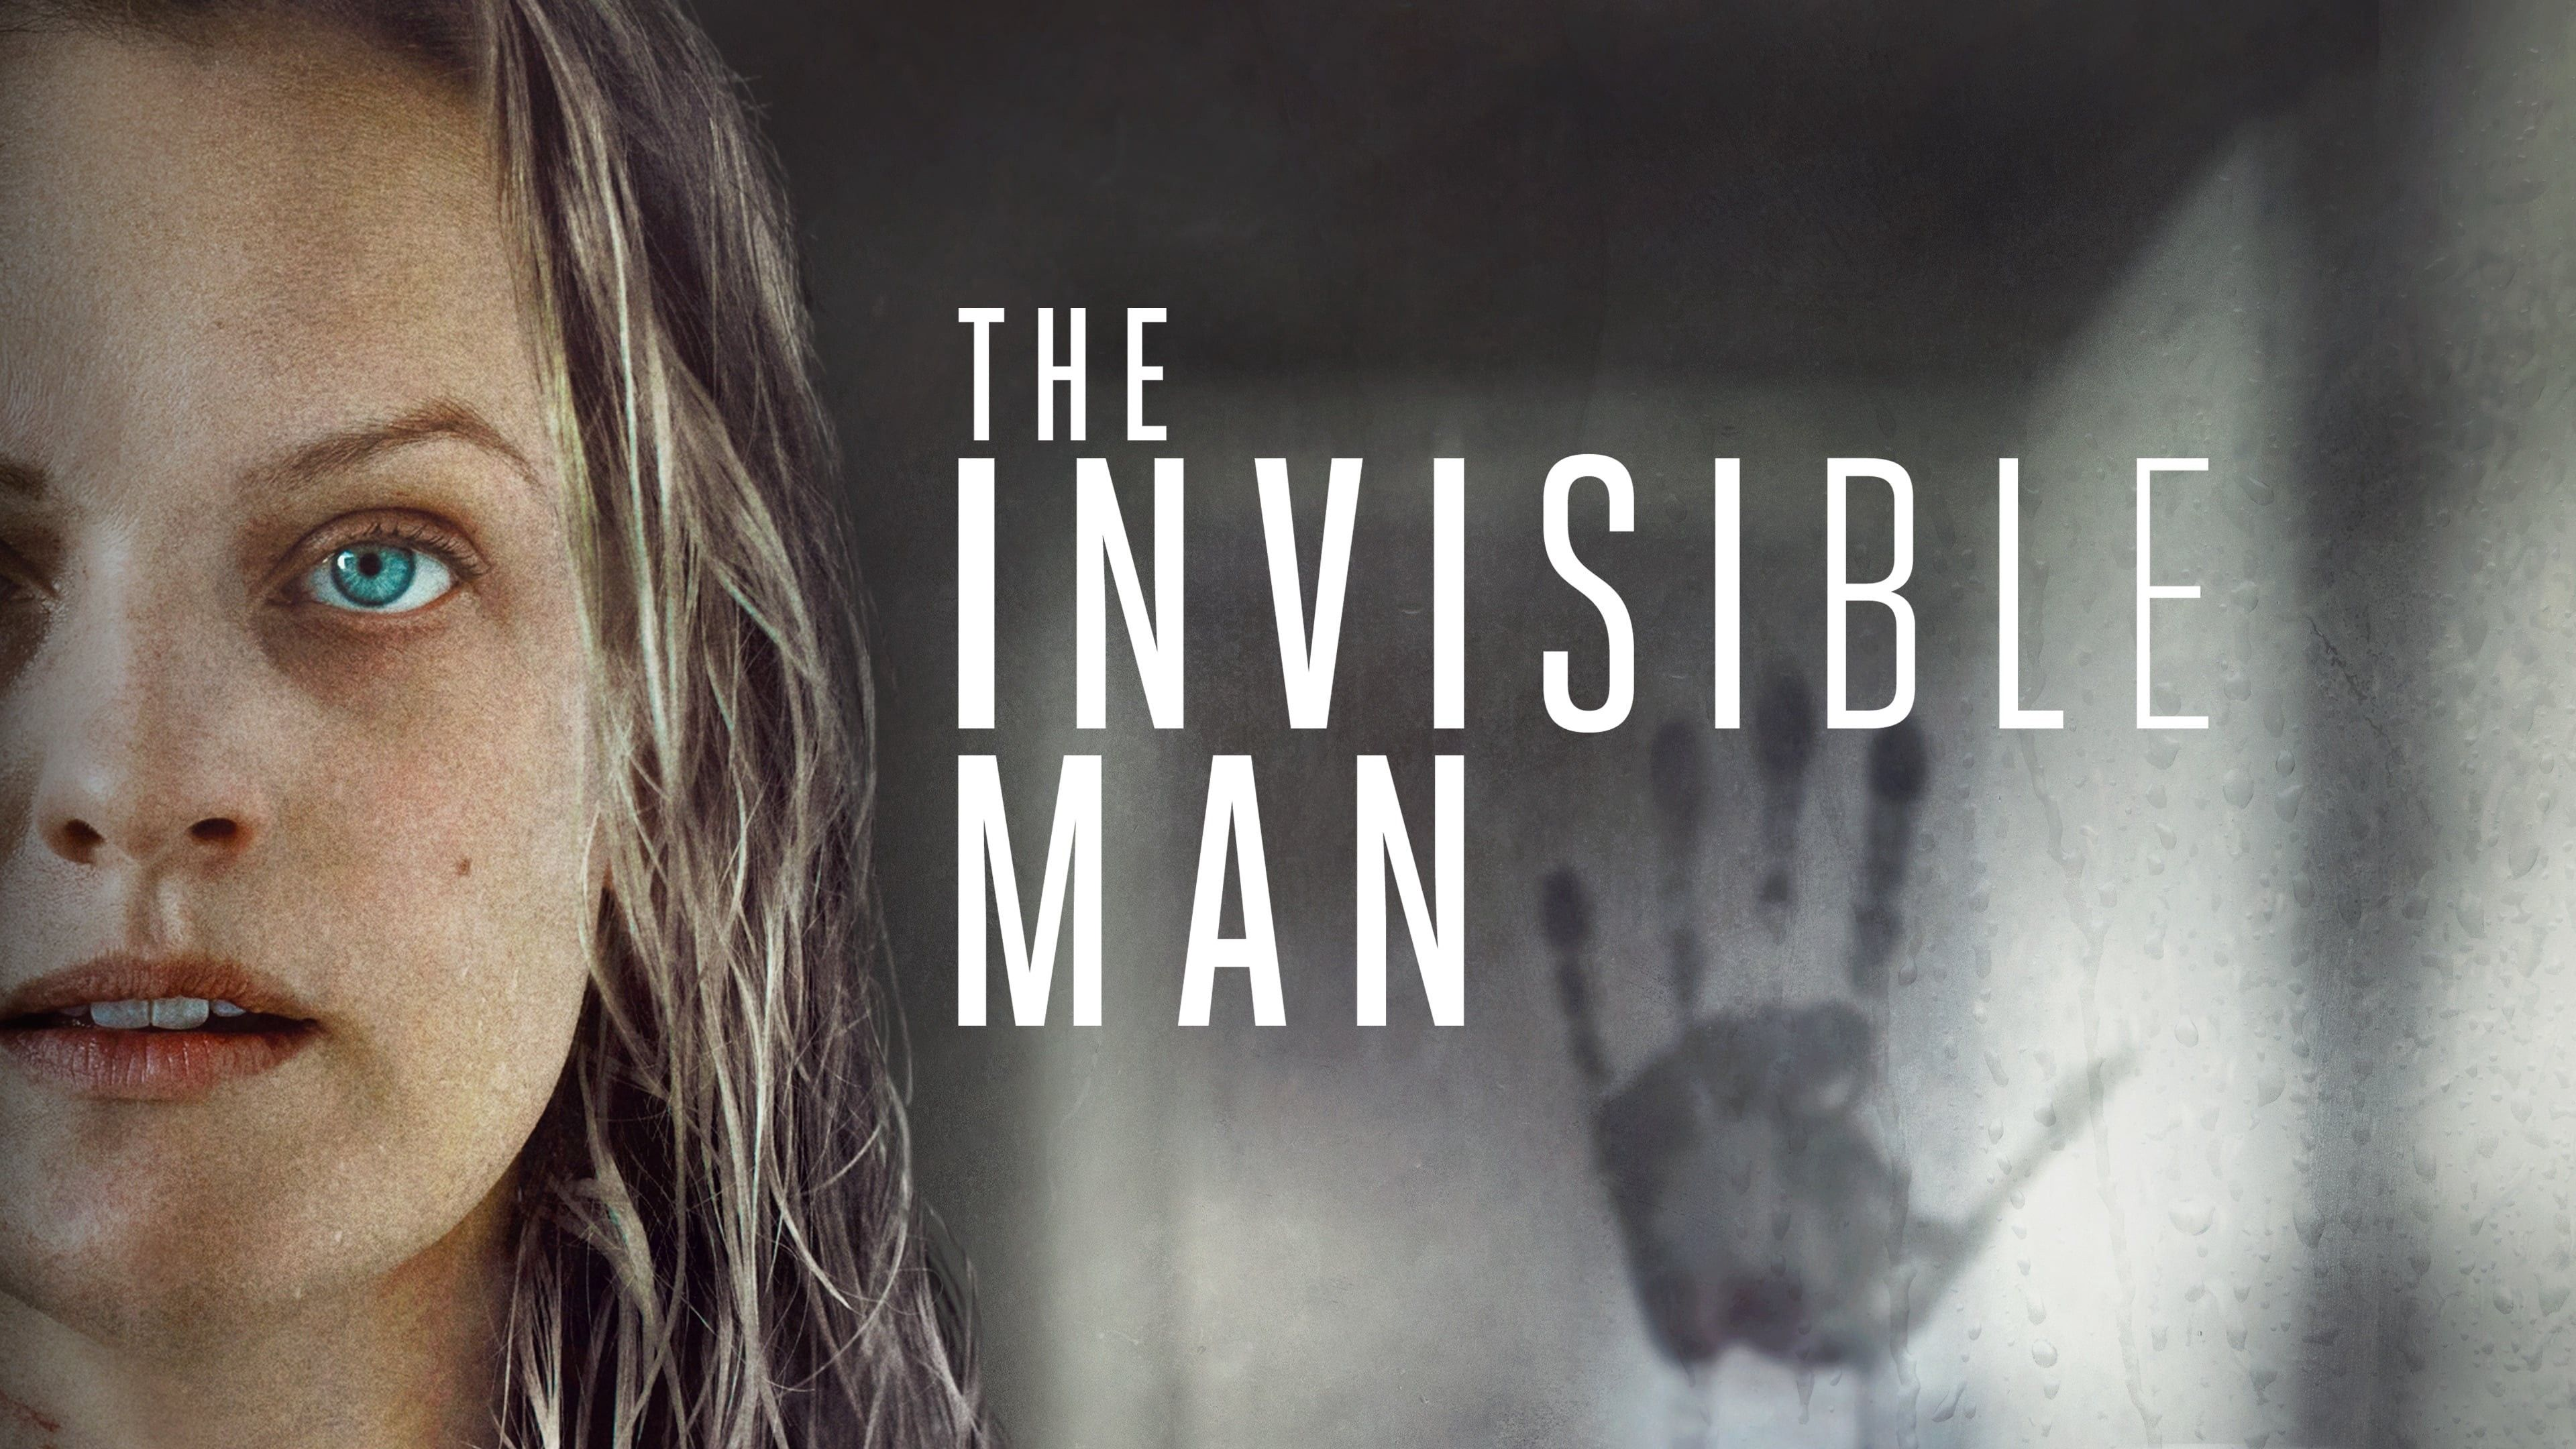 Pelicula De El Hombre Invisible 2020 Completa En Espanol Latino Invisible Man Free Movies Online Full Movies